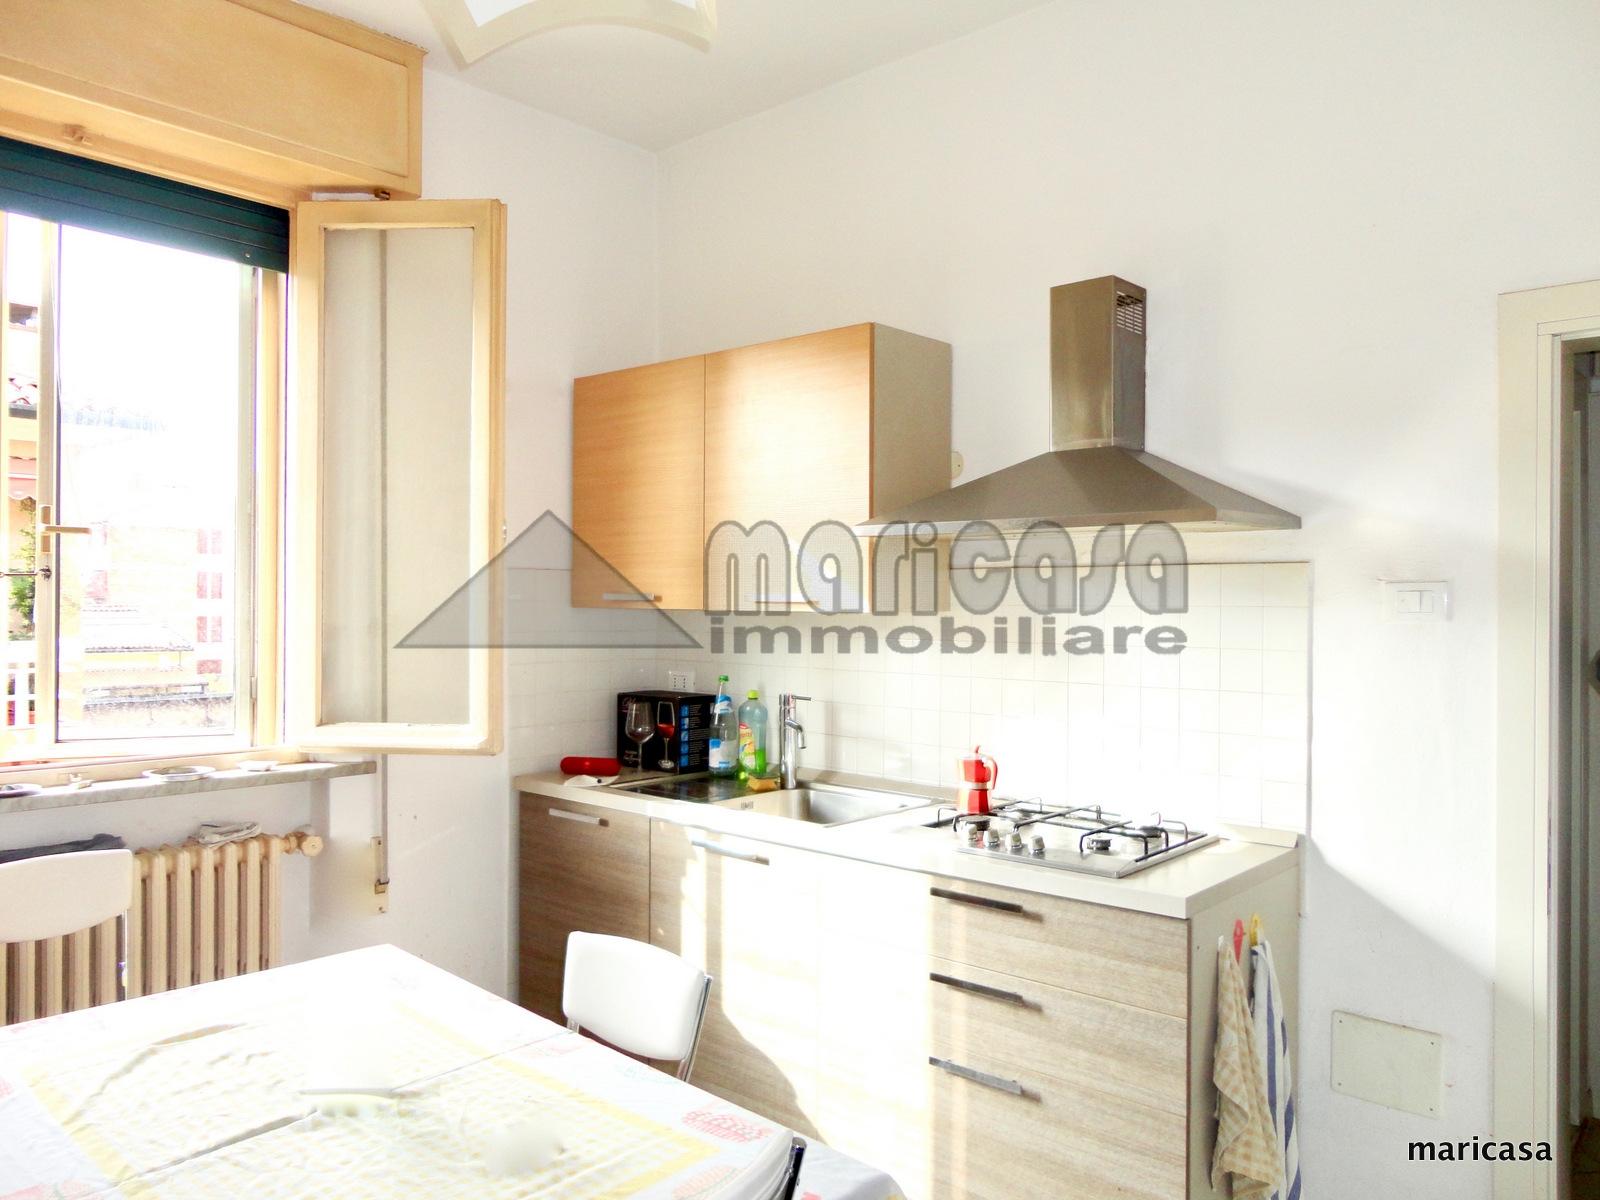 Appartamento in affitto a Ferrara, 4 locali, zona Località: EntroMura, prezzo € 700 | CambioCasa.it